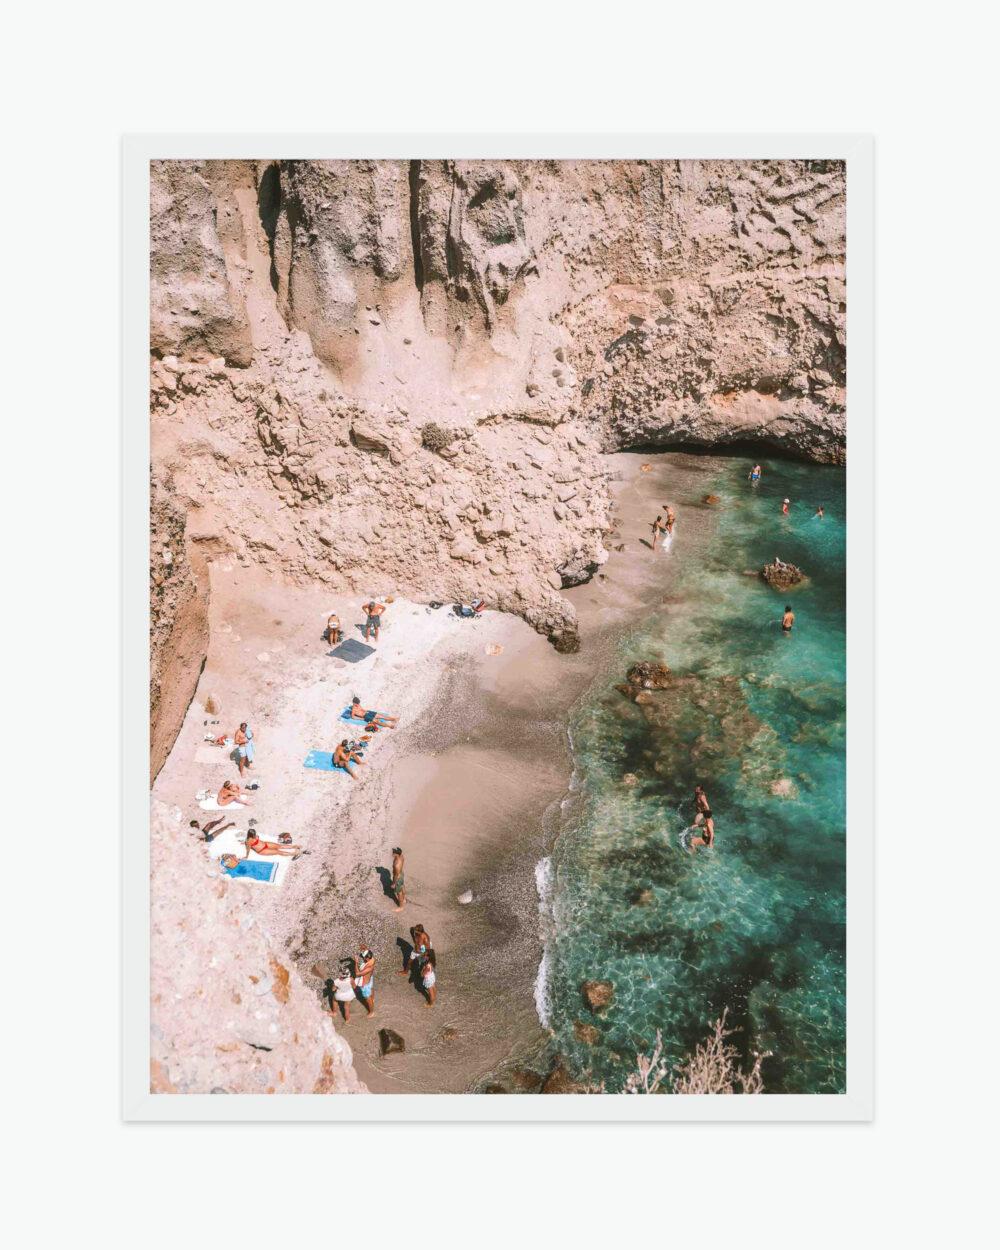 Tsigrado Milos Greece Find Us Lost Prints